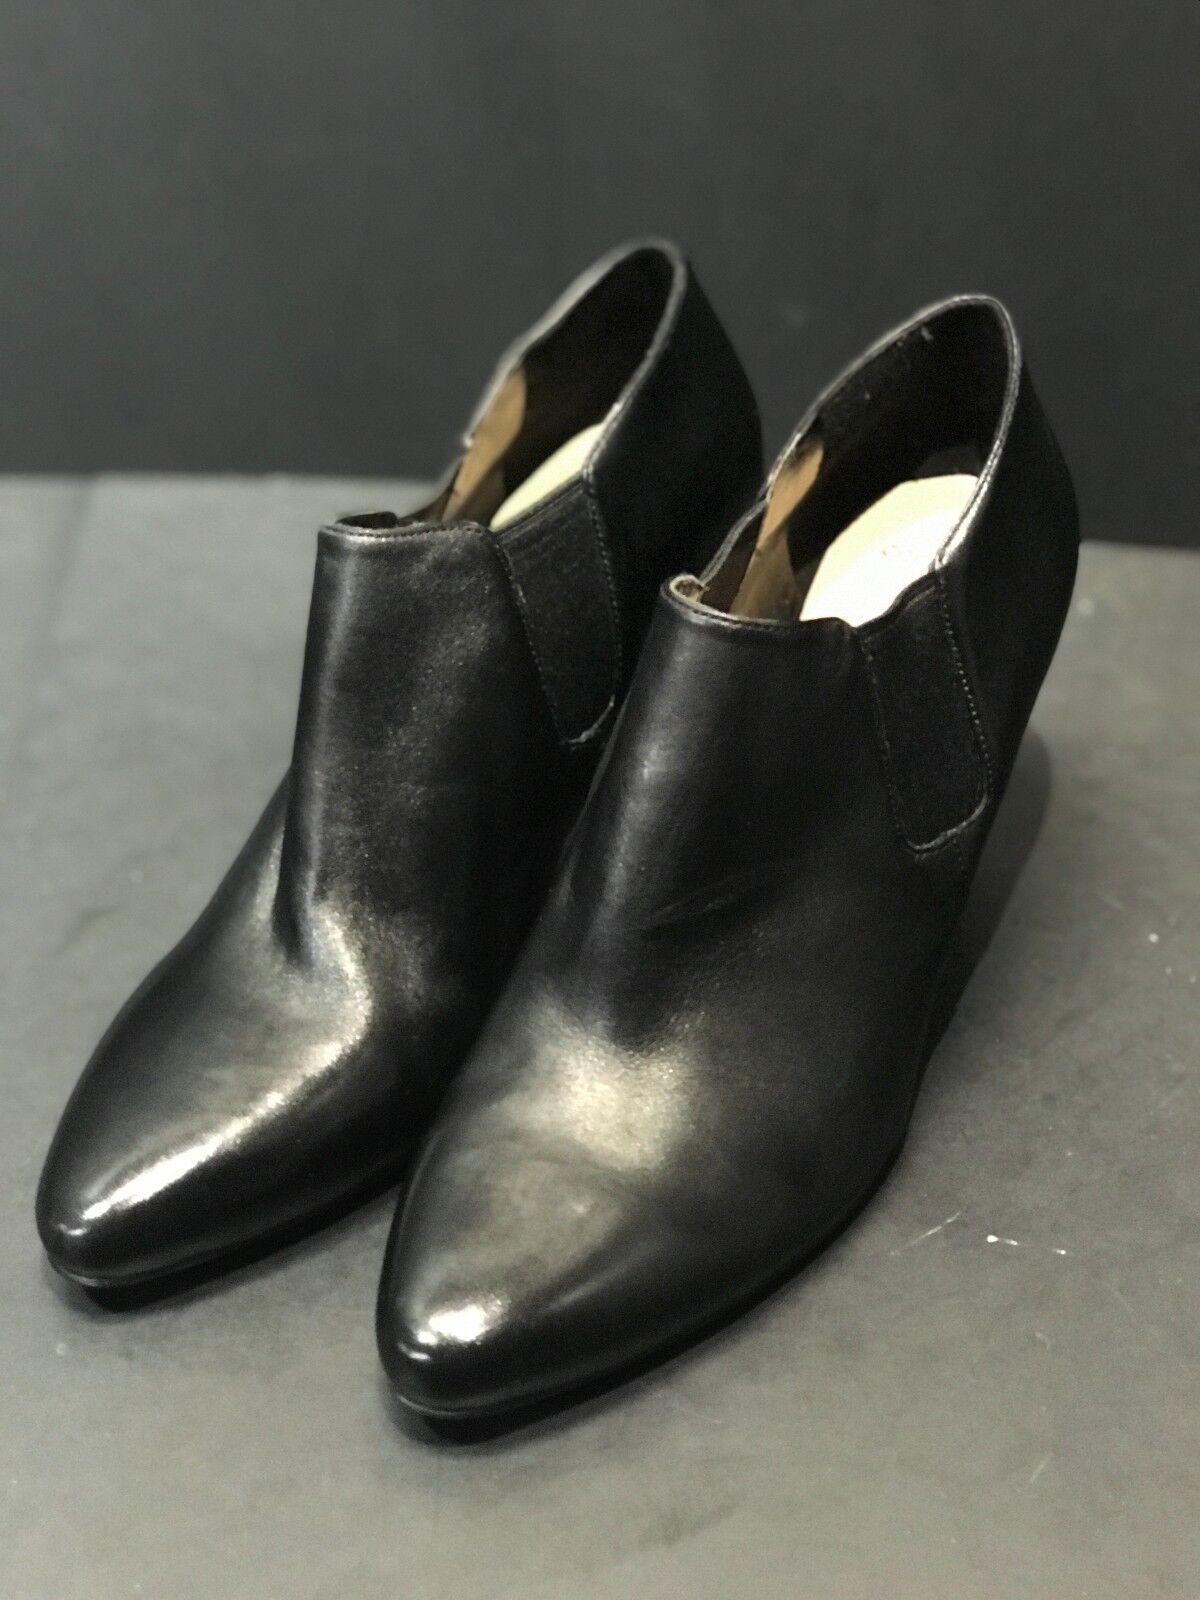 COLE HAAN schwarz schwarz schwarz HEELS LEATHER damen StiefelIES Größe 10 B NEW 315e4c